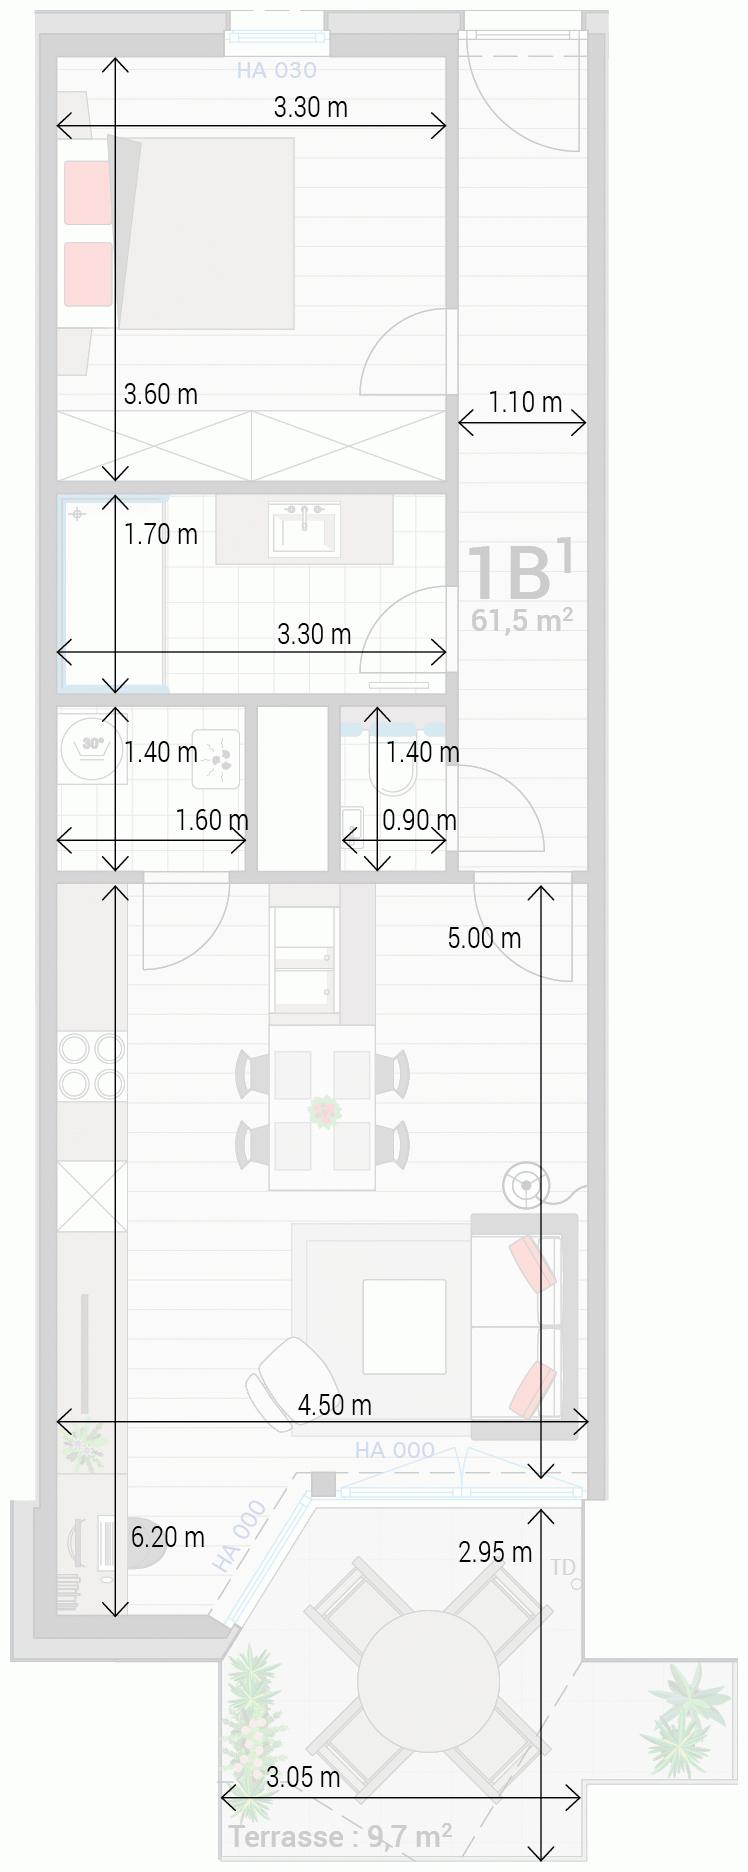 Appartement 1B